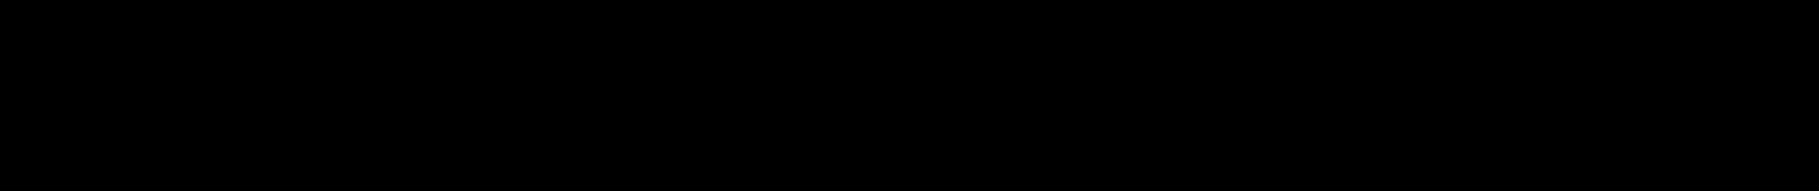 Doradani Black Italic